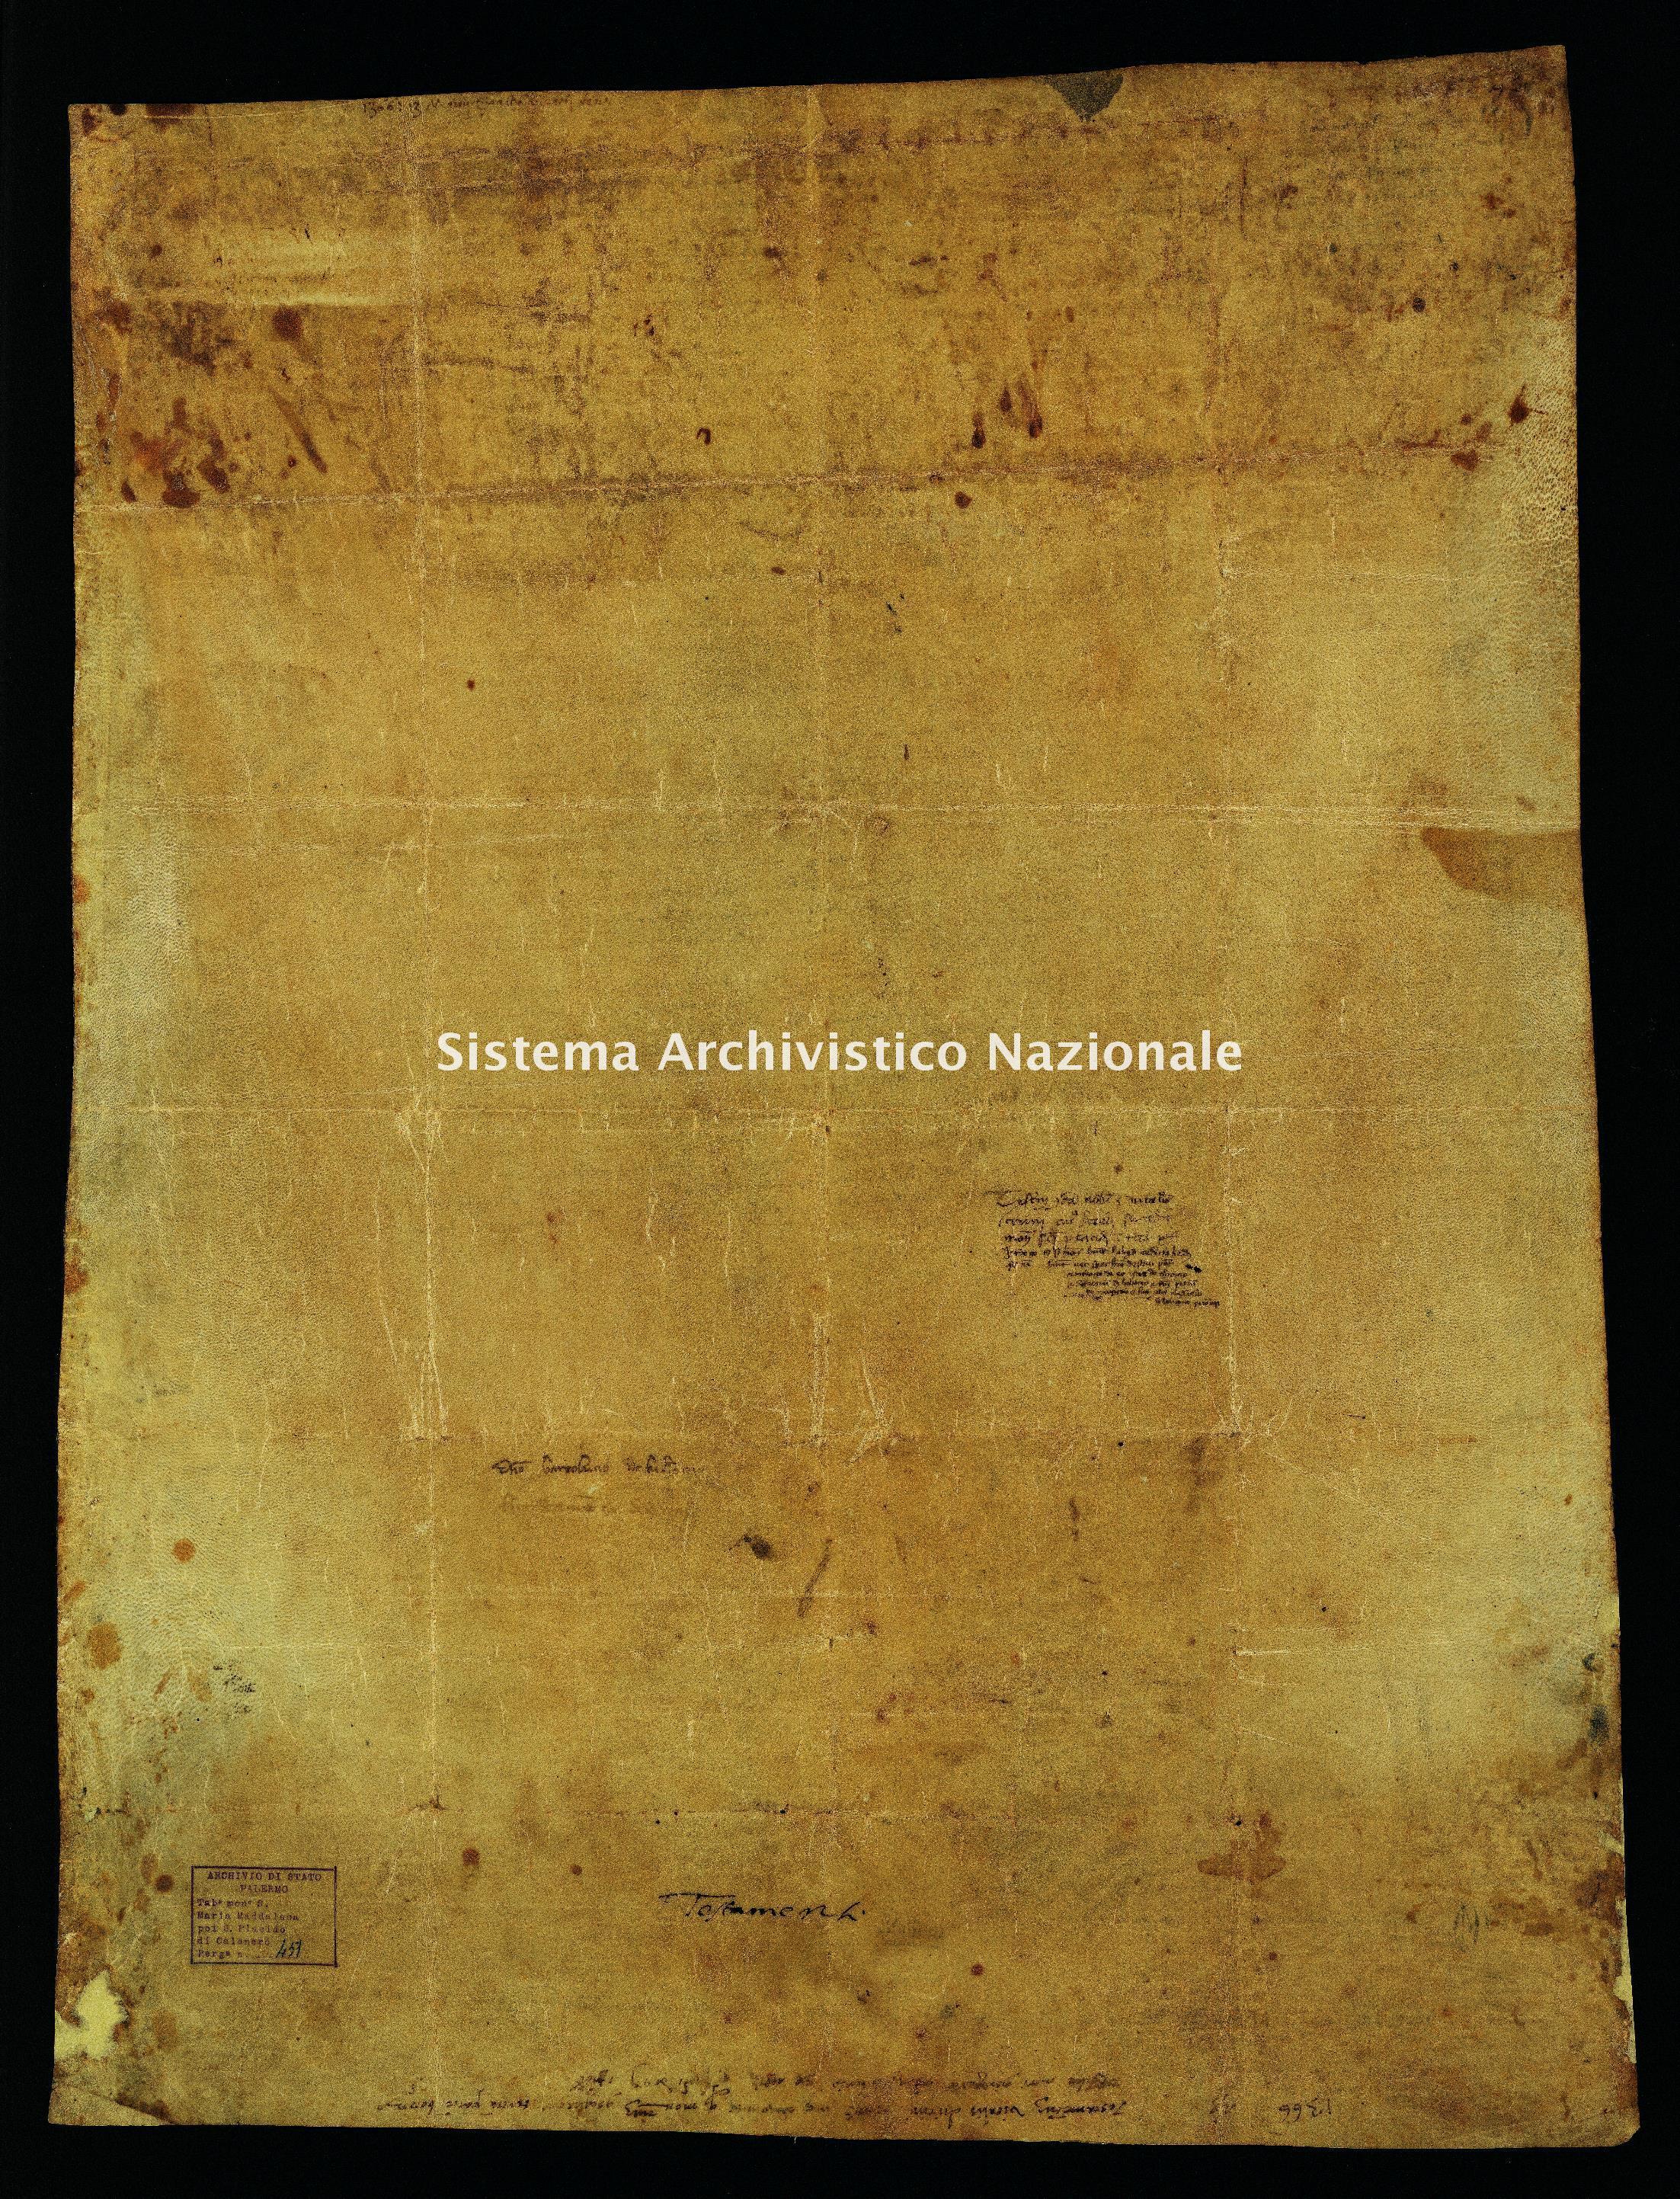 Archivio di Stato di Palermo, Diplomatico, Tabulario dei monasteri di Santa Maria Maddalena di Valle Giosafat e di San Placido di Calonerò, Pergamena TSMG 0451